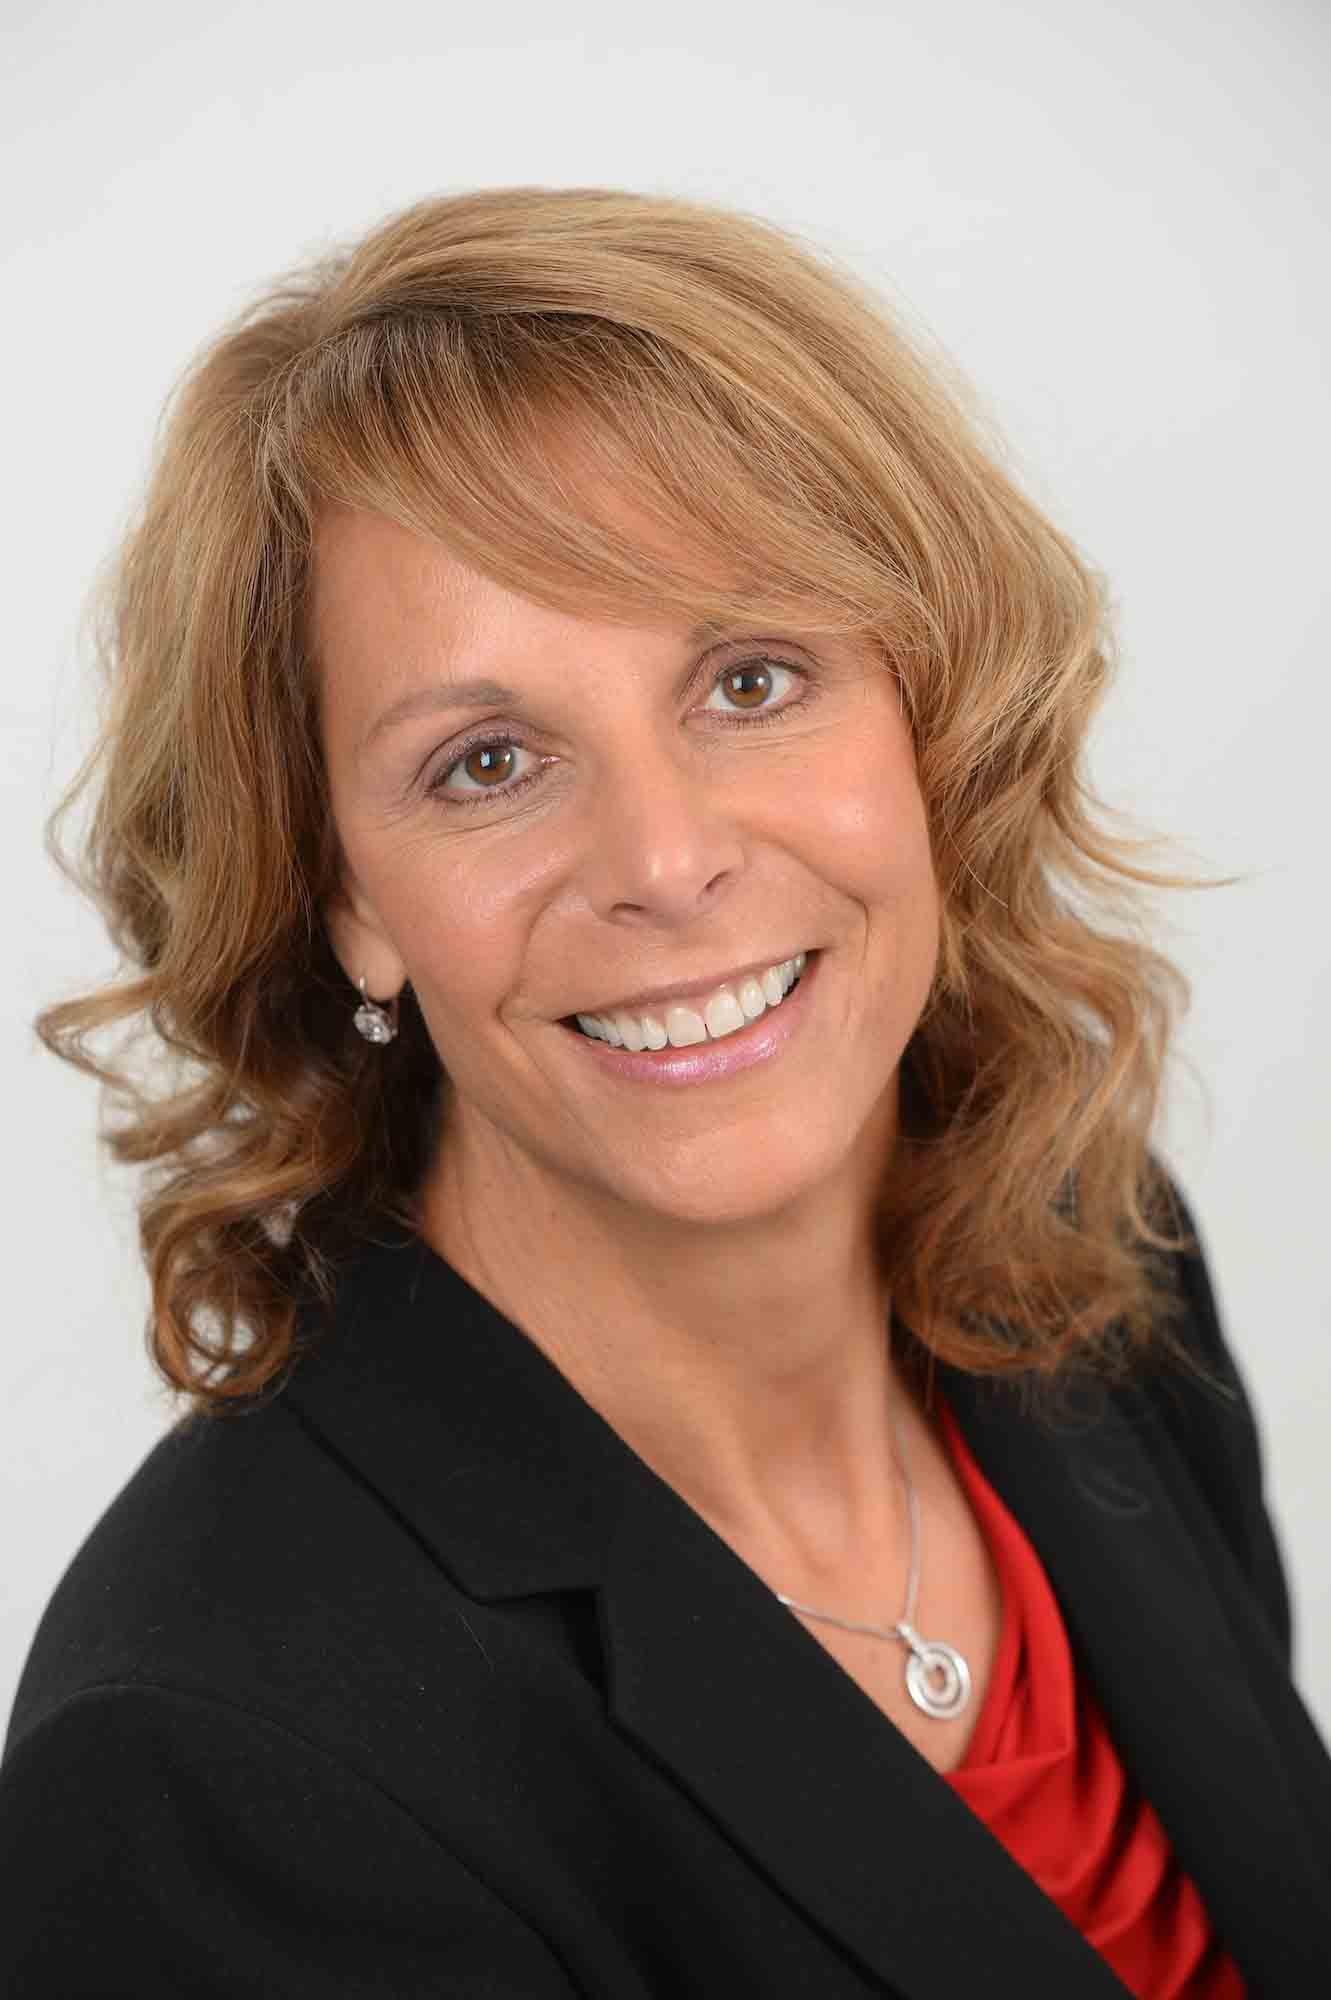 womens business portrait